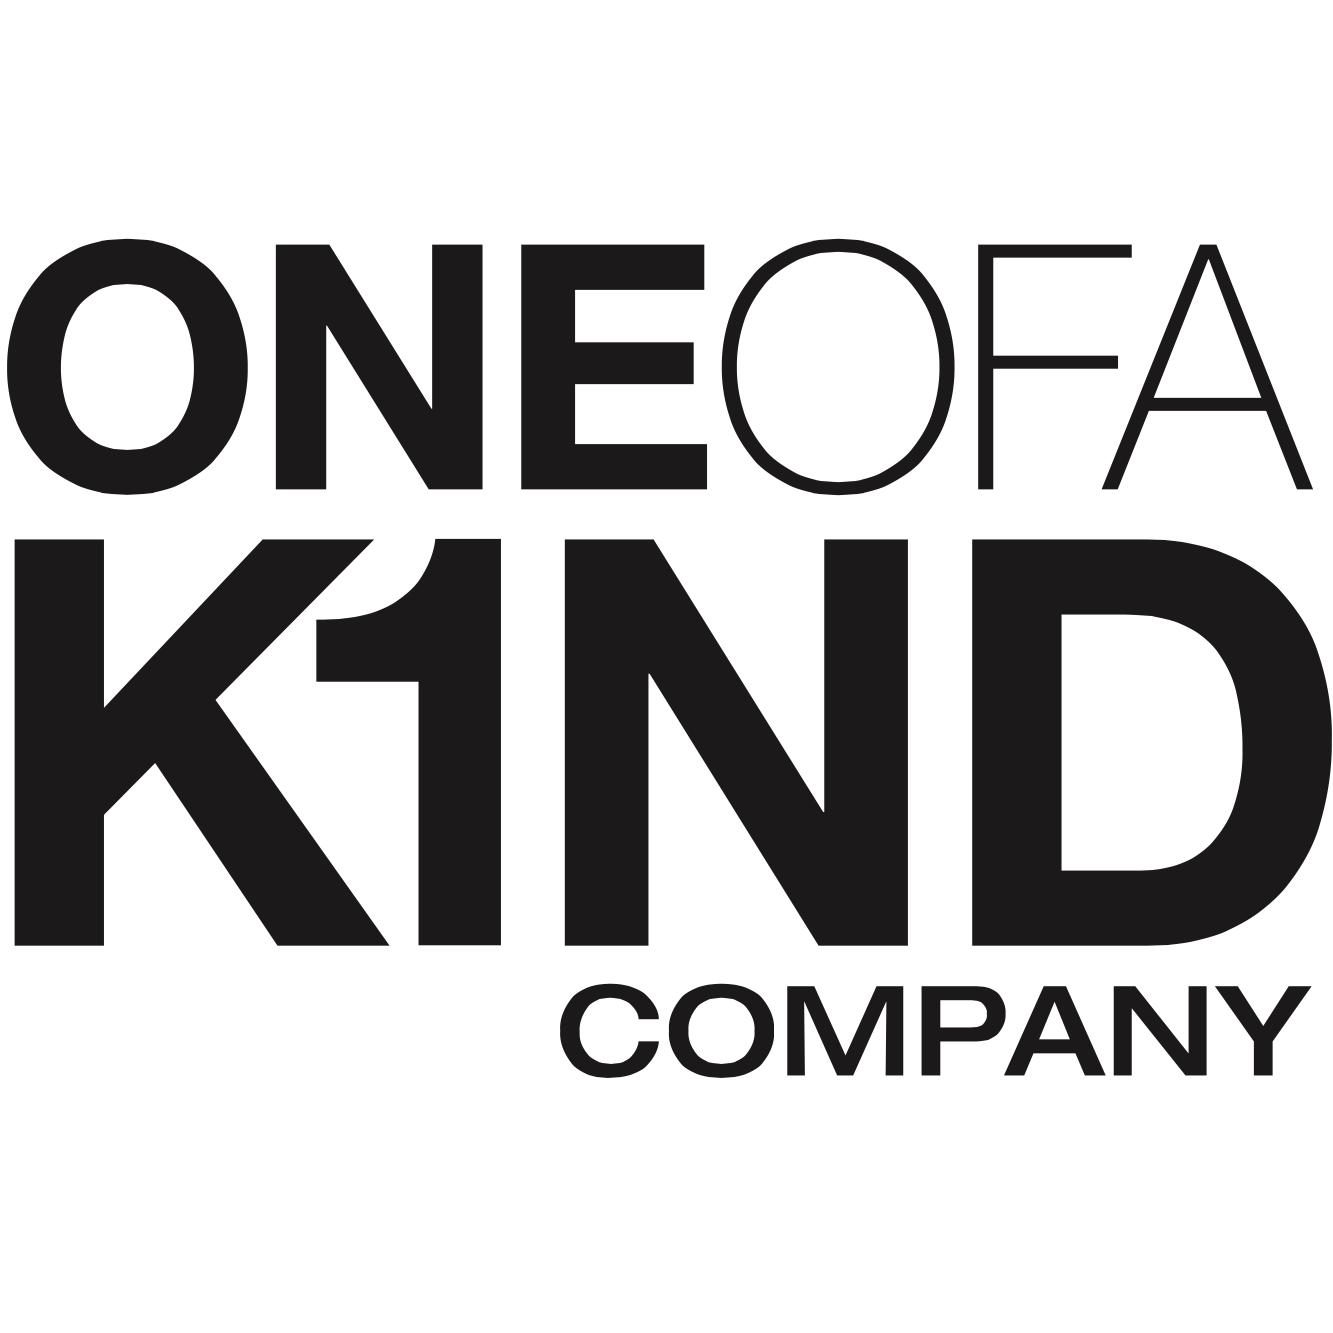 One of A Kind Company